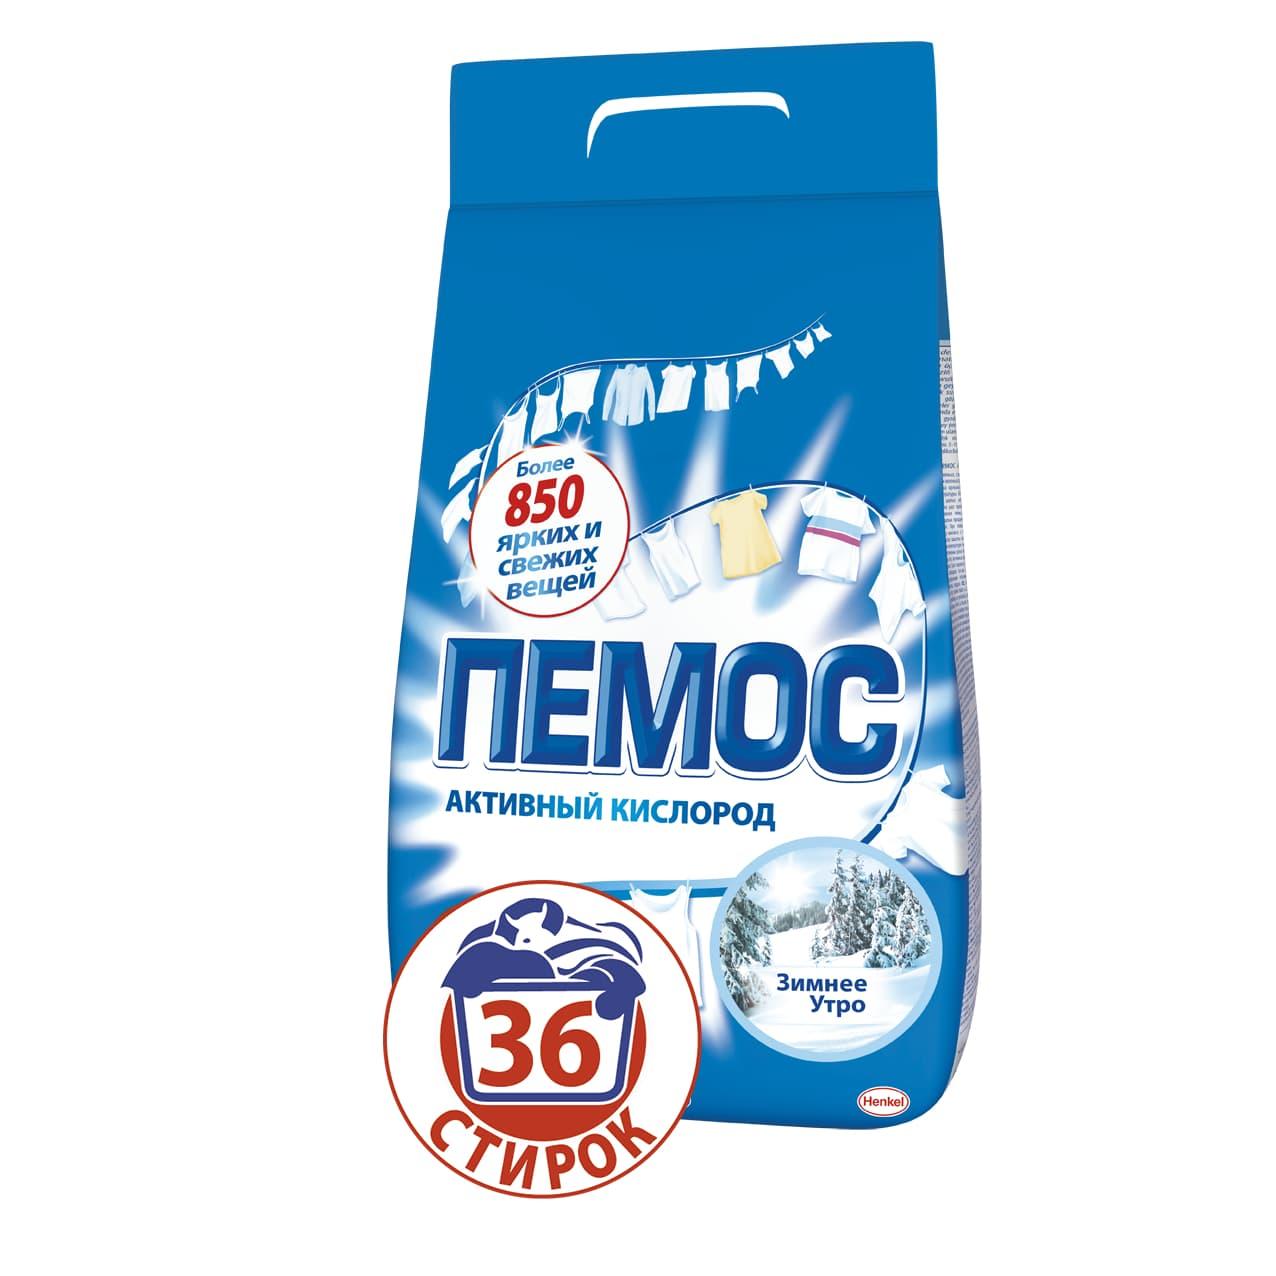 Стиральный порошок Пемос Зимнее утро, для белого и светлого белья, 5,5 кг935188Пемос Зимнее утро - стиральный порошок с эффективной формулой, которая отлично отстирывает различные загрязнения. Проникая между волокнами ткани, он растворяте и удаляет грязь, а содержащийся в его вормуле активный кислород придает вашим вещам сияющую белизну. С помощью всего лишь одной пачки вы сможете отстирать более 850 вещей. Пемос Зимнее утро - стирает много, стоит недорого.